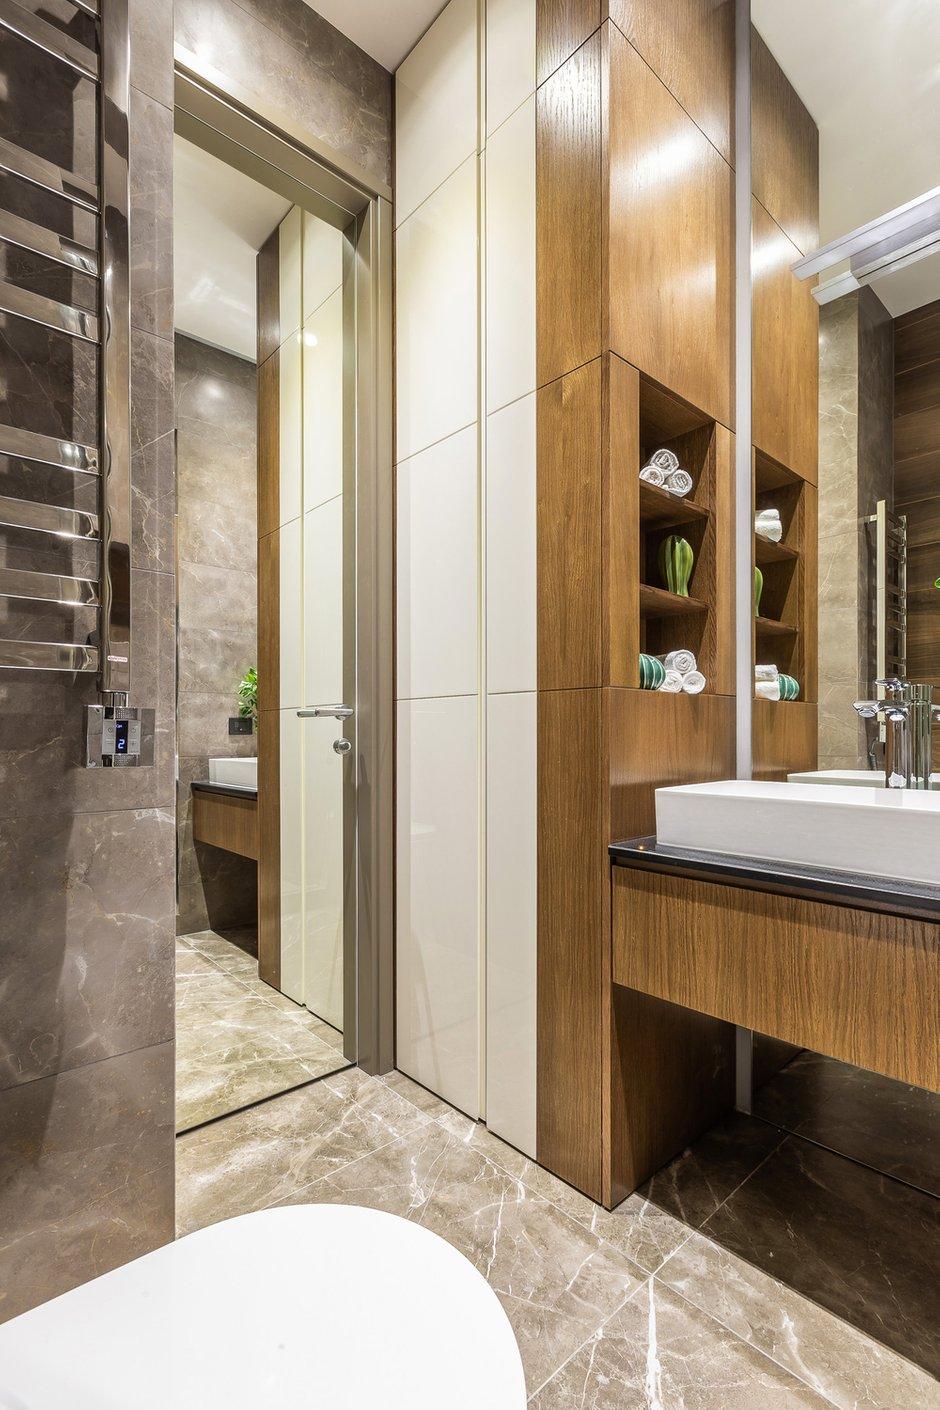 Фотография: Ванная в стиле Современный, Квартира, Проект недели, Москва, 2 комнаты, 40-60 метров, Алина Лютая – фото на INMYROOM